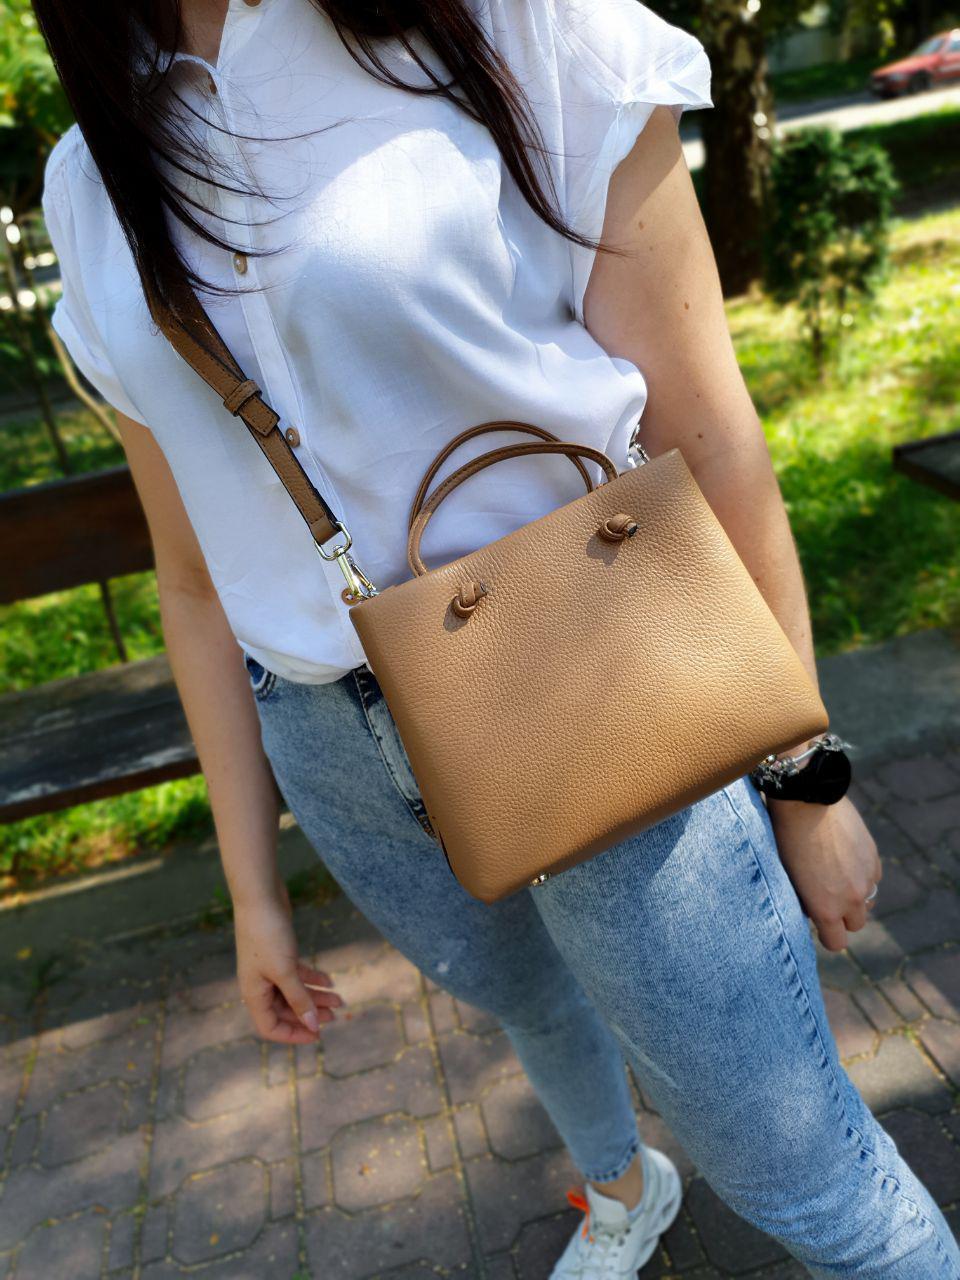 Кожаная женская сумка размером 23х18х8 см Коричневая (01244)